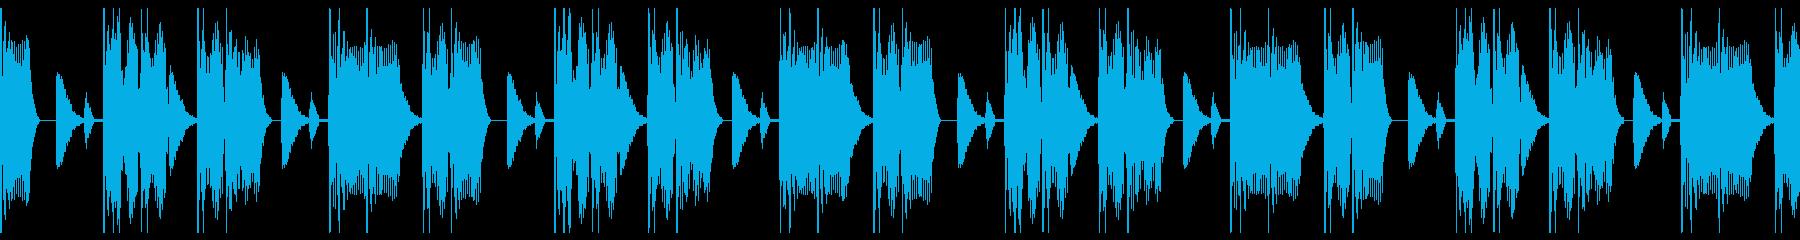 エネルギッシュなエレキベースビートBGMの再生済みの波形